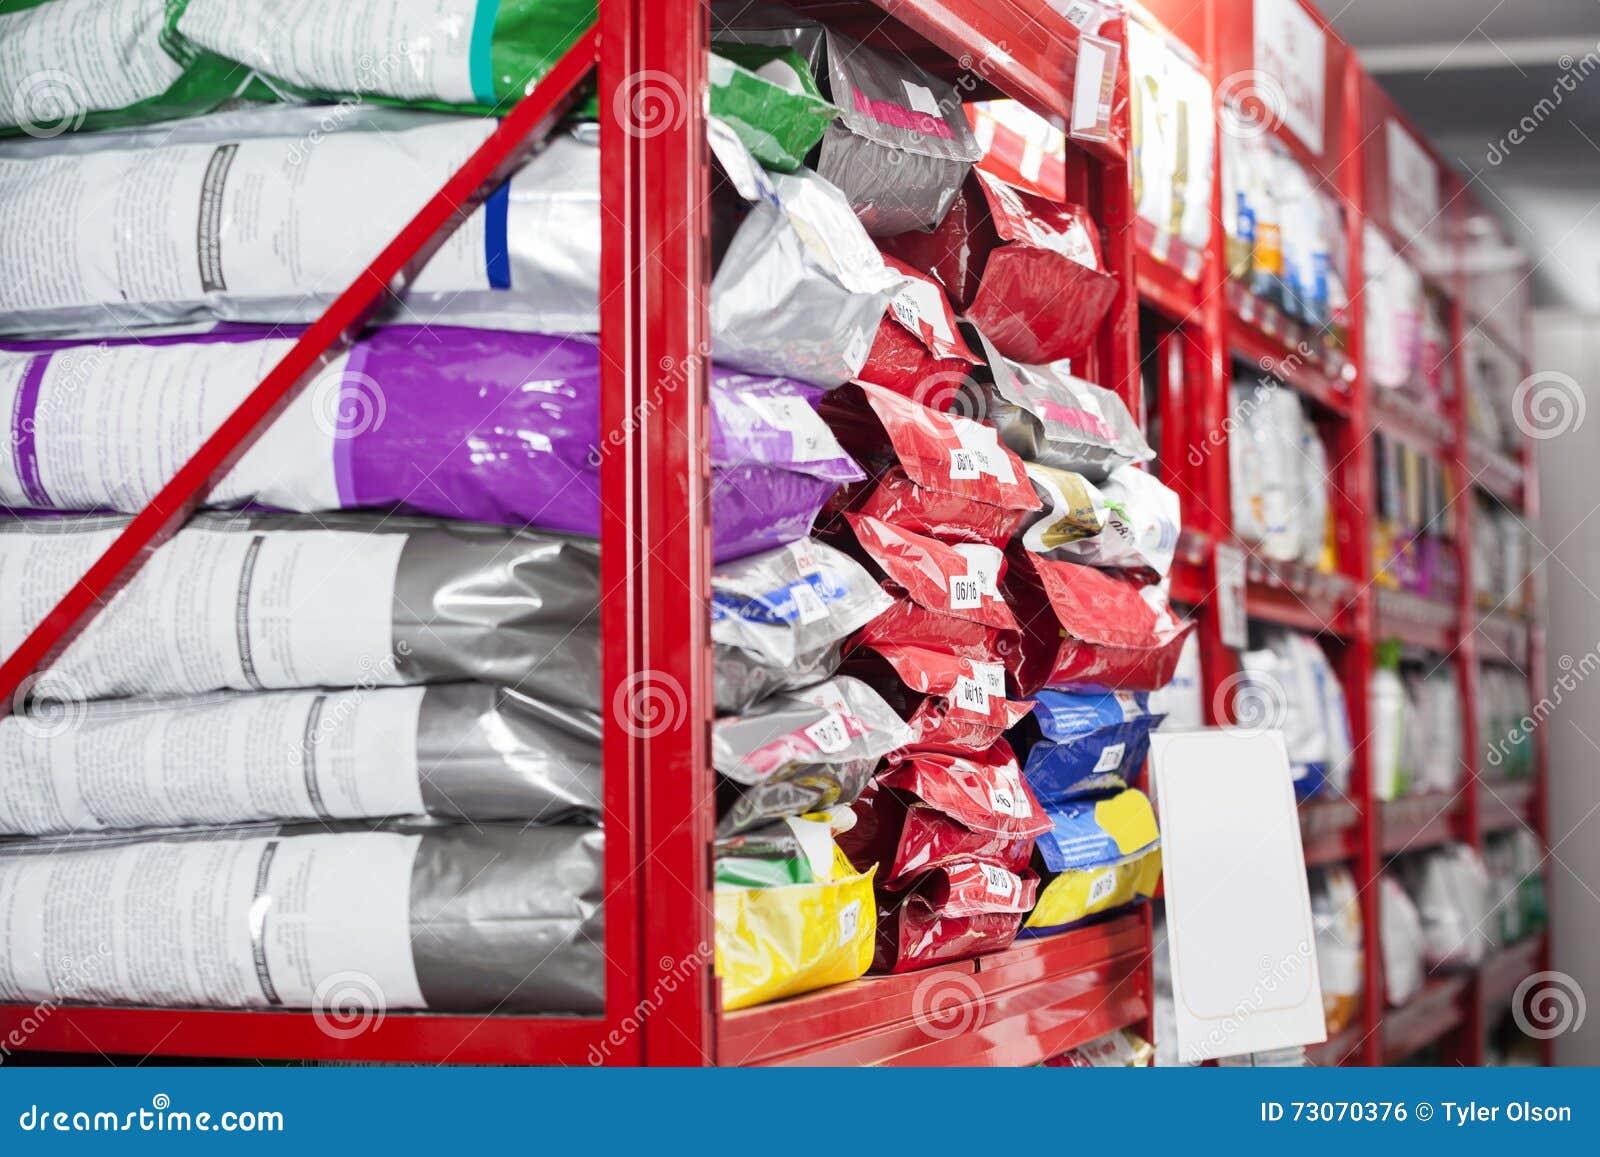 Paquetes de alimento para animales en la tienda